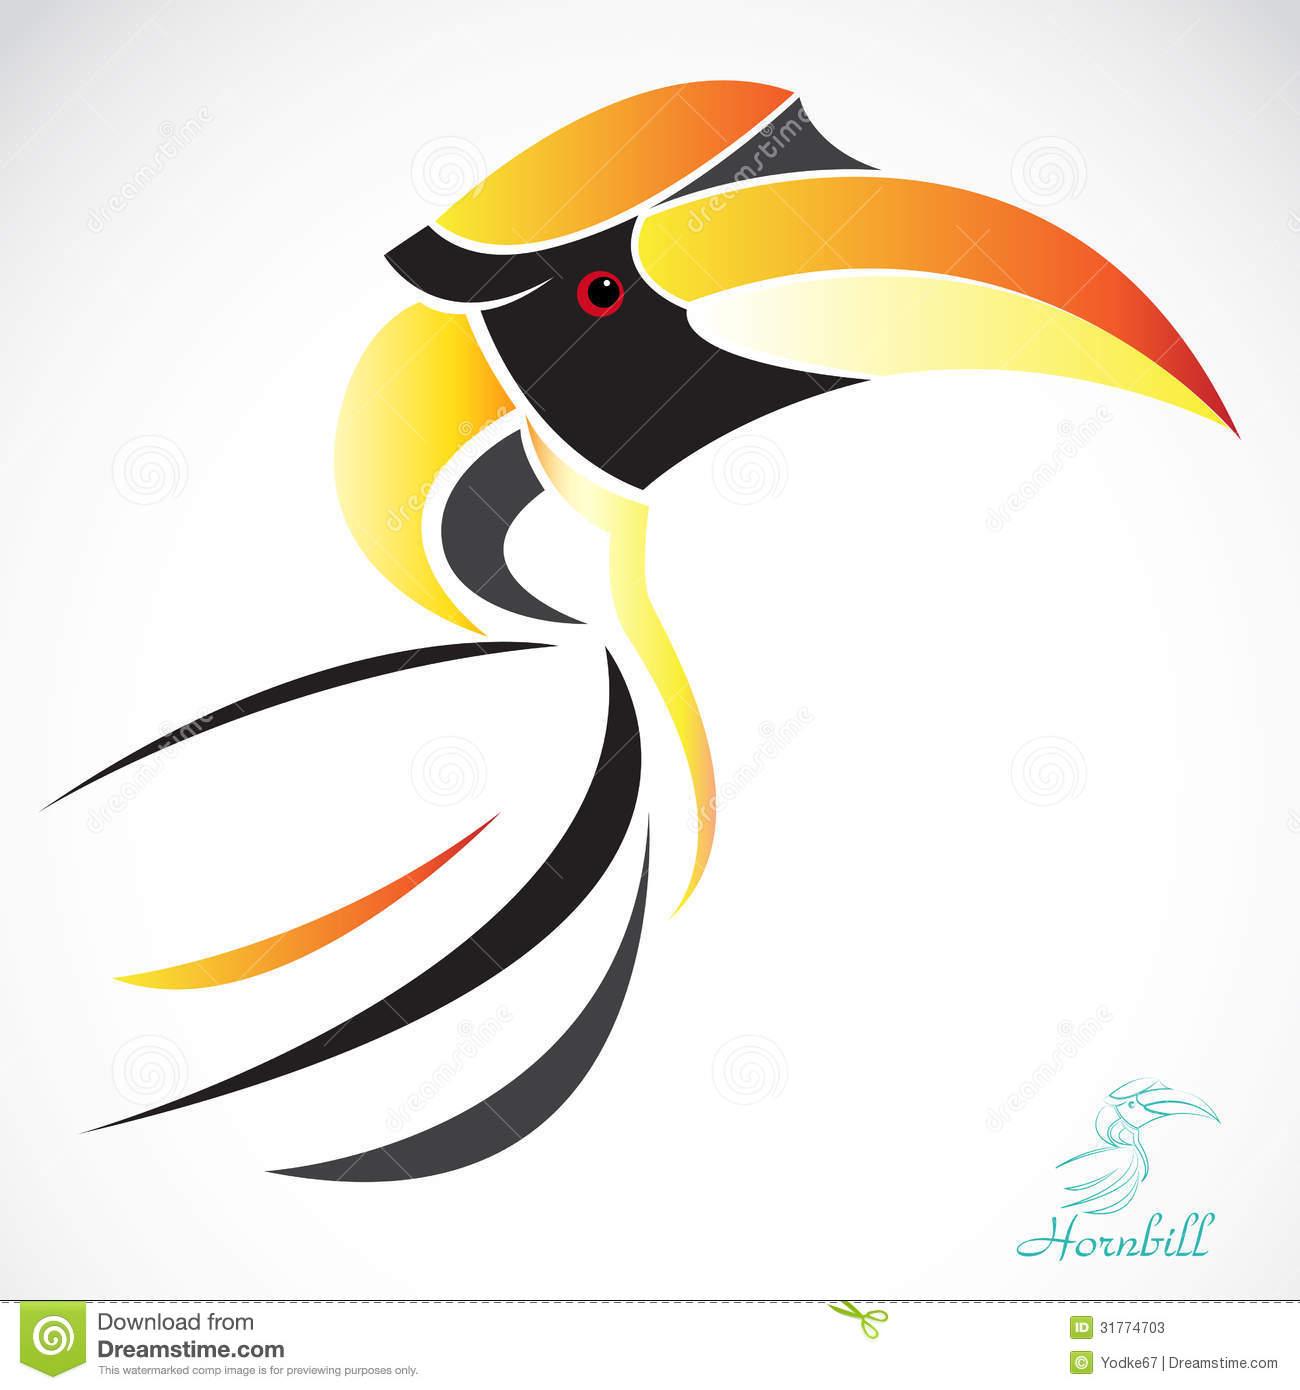 Hornbill Stock Illustrations.